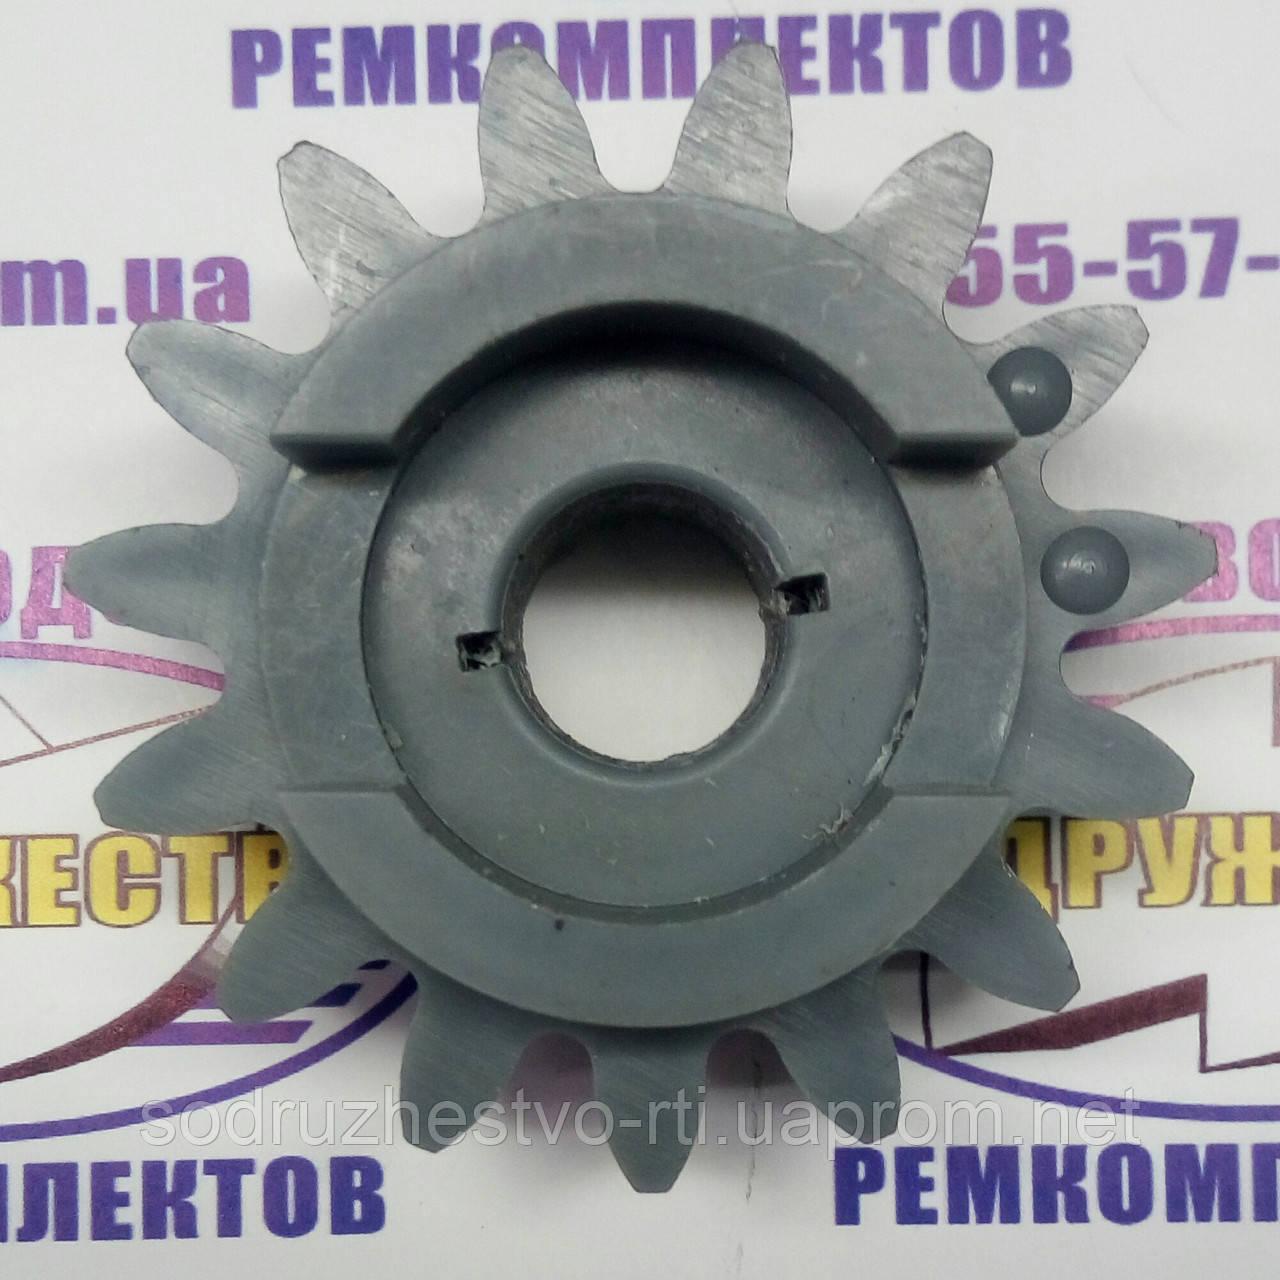 Шестерня привода магнето (Д24.075Б) ПД-10 / ПД-350